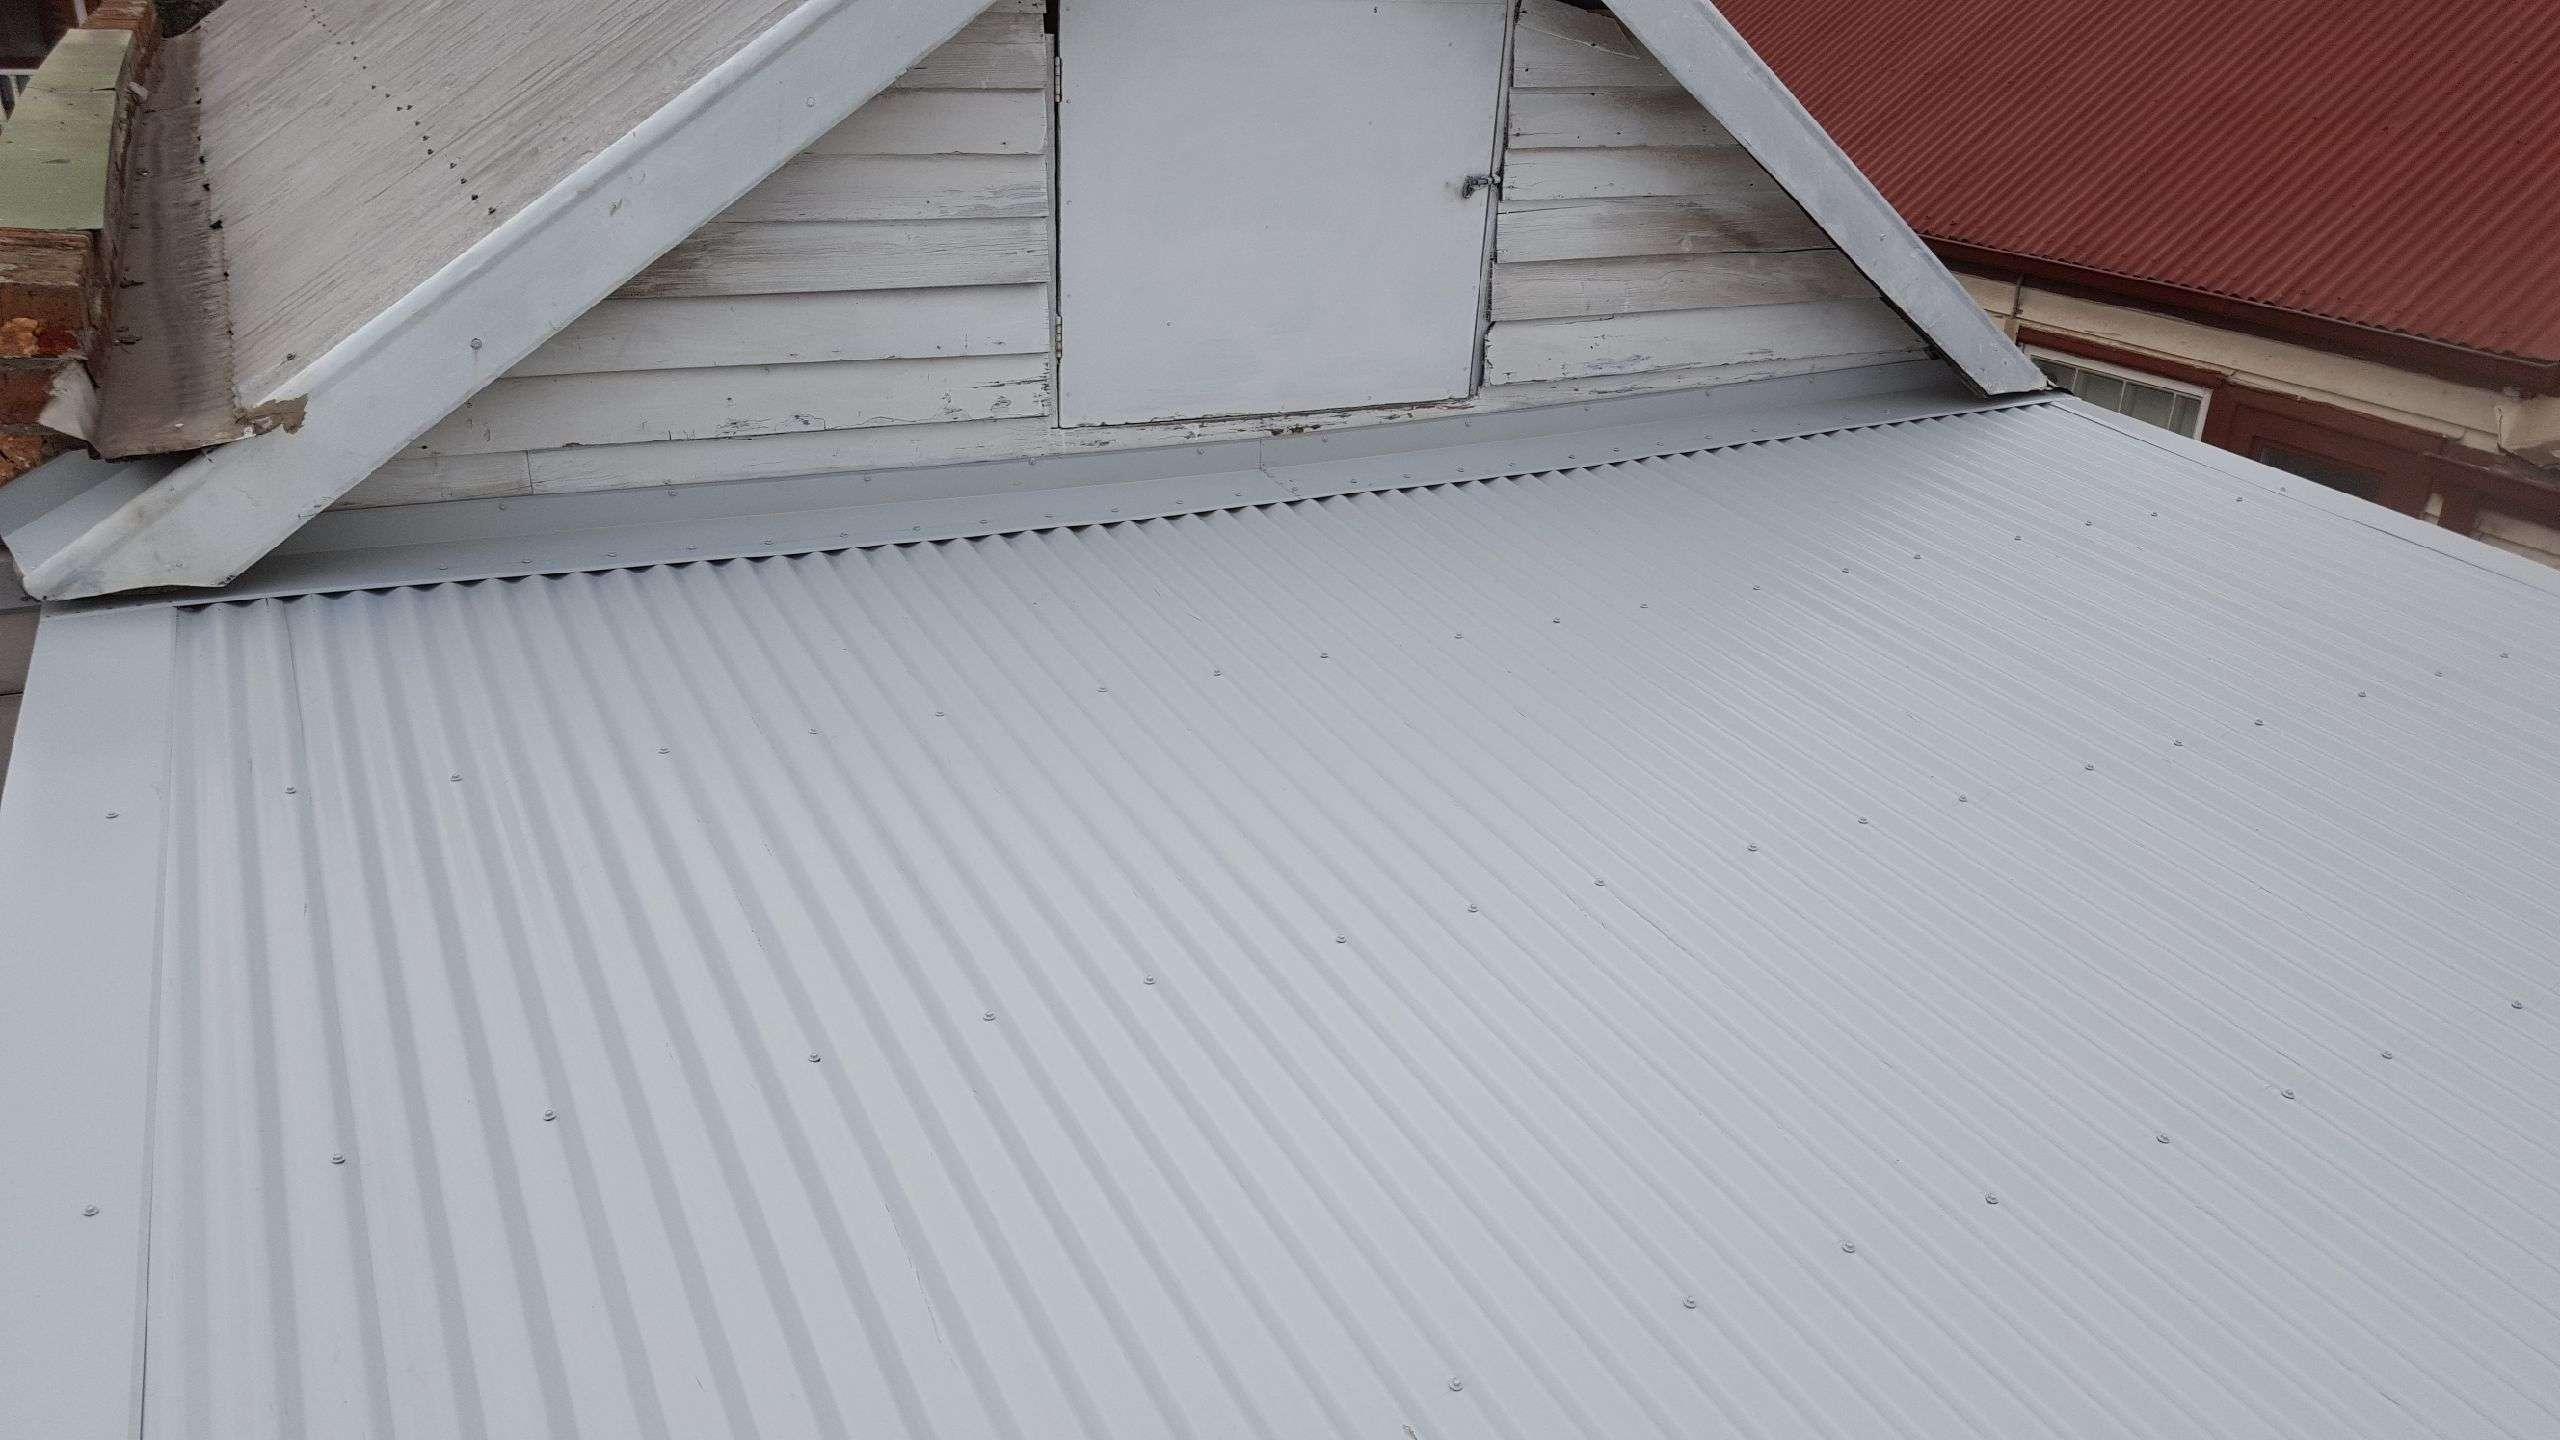 Roof Repair In Coburg Roof Leaking Melbourne Roof Plumbing